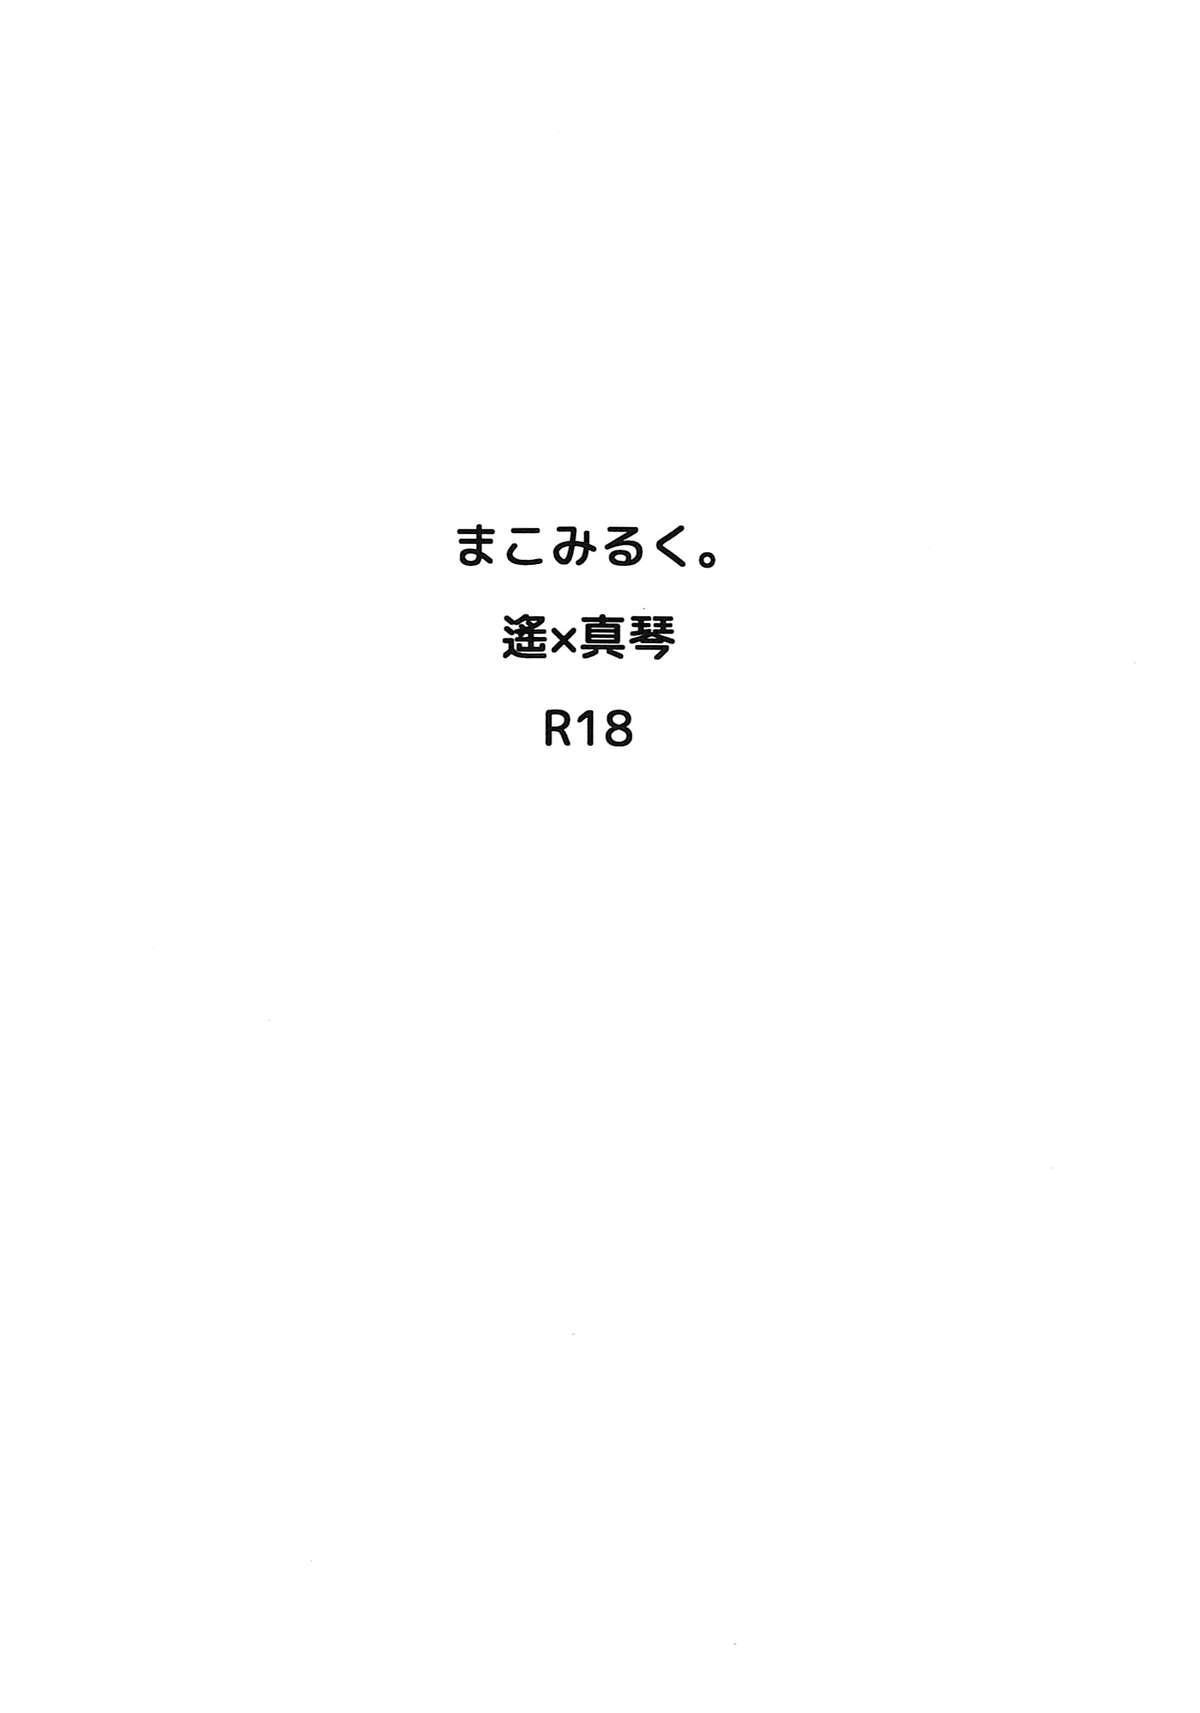 Mako Milk. 1